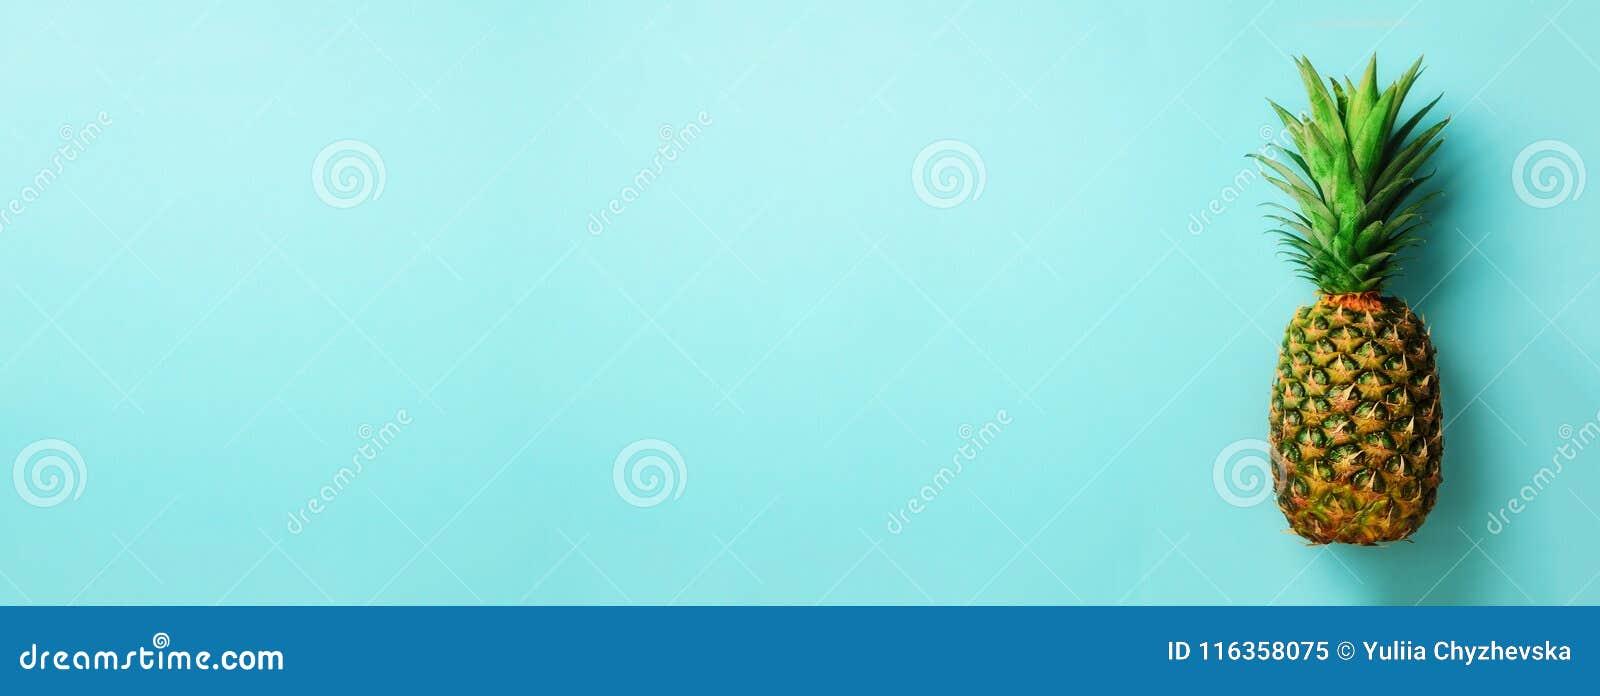 Piña en fondo azul Visión superior Copie el espacio Modelo para el estilo mínimo Diseño del arte pop, concepto creativo bandera